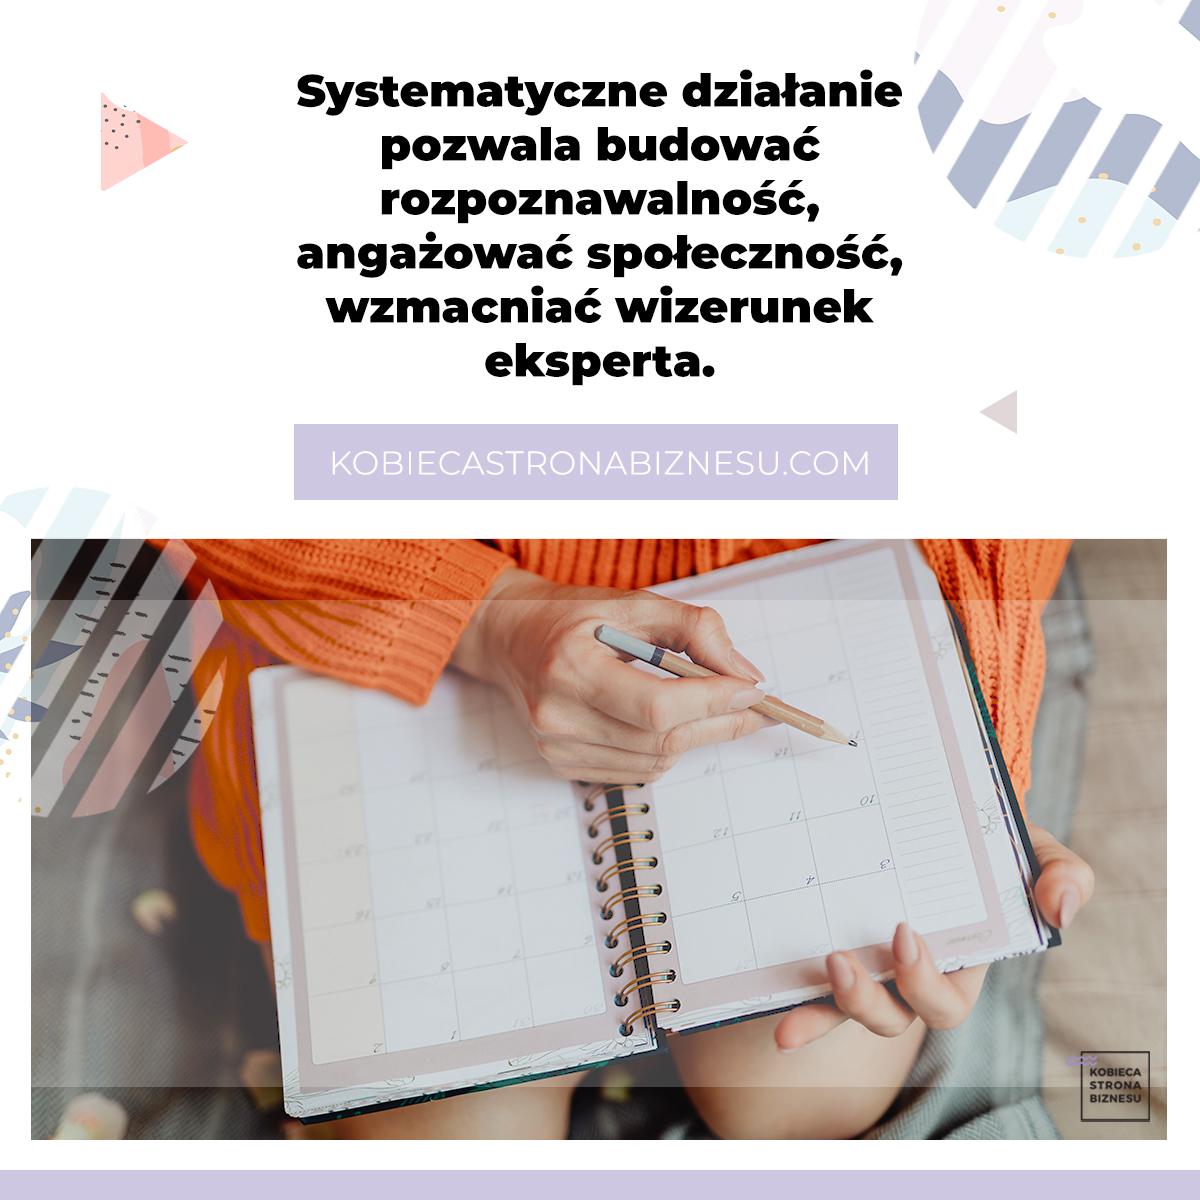 Jak być systematycznym wdziałaniach online, jak regularnie publikować - harmonogram publikacji, content, blog, media społecznościowe - Kobieca Strona Biznesu Karolina Kołodziejczyk